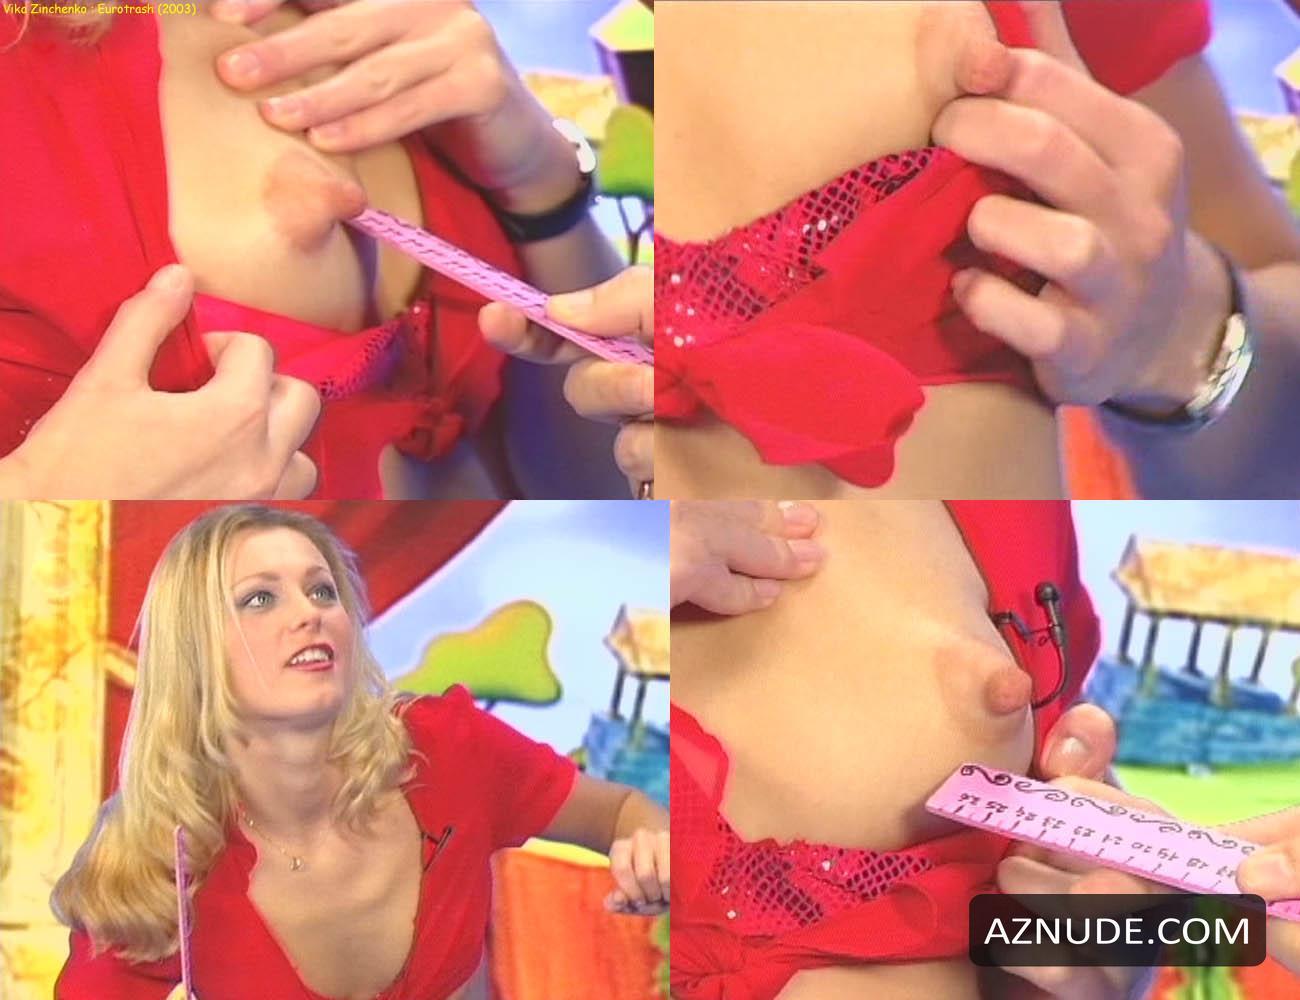 Boobs Vika Zinchenko Nude Pictures